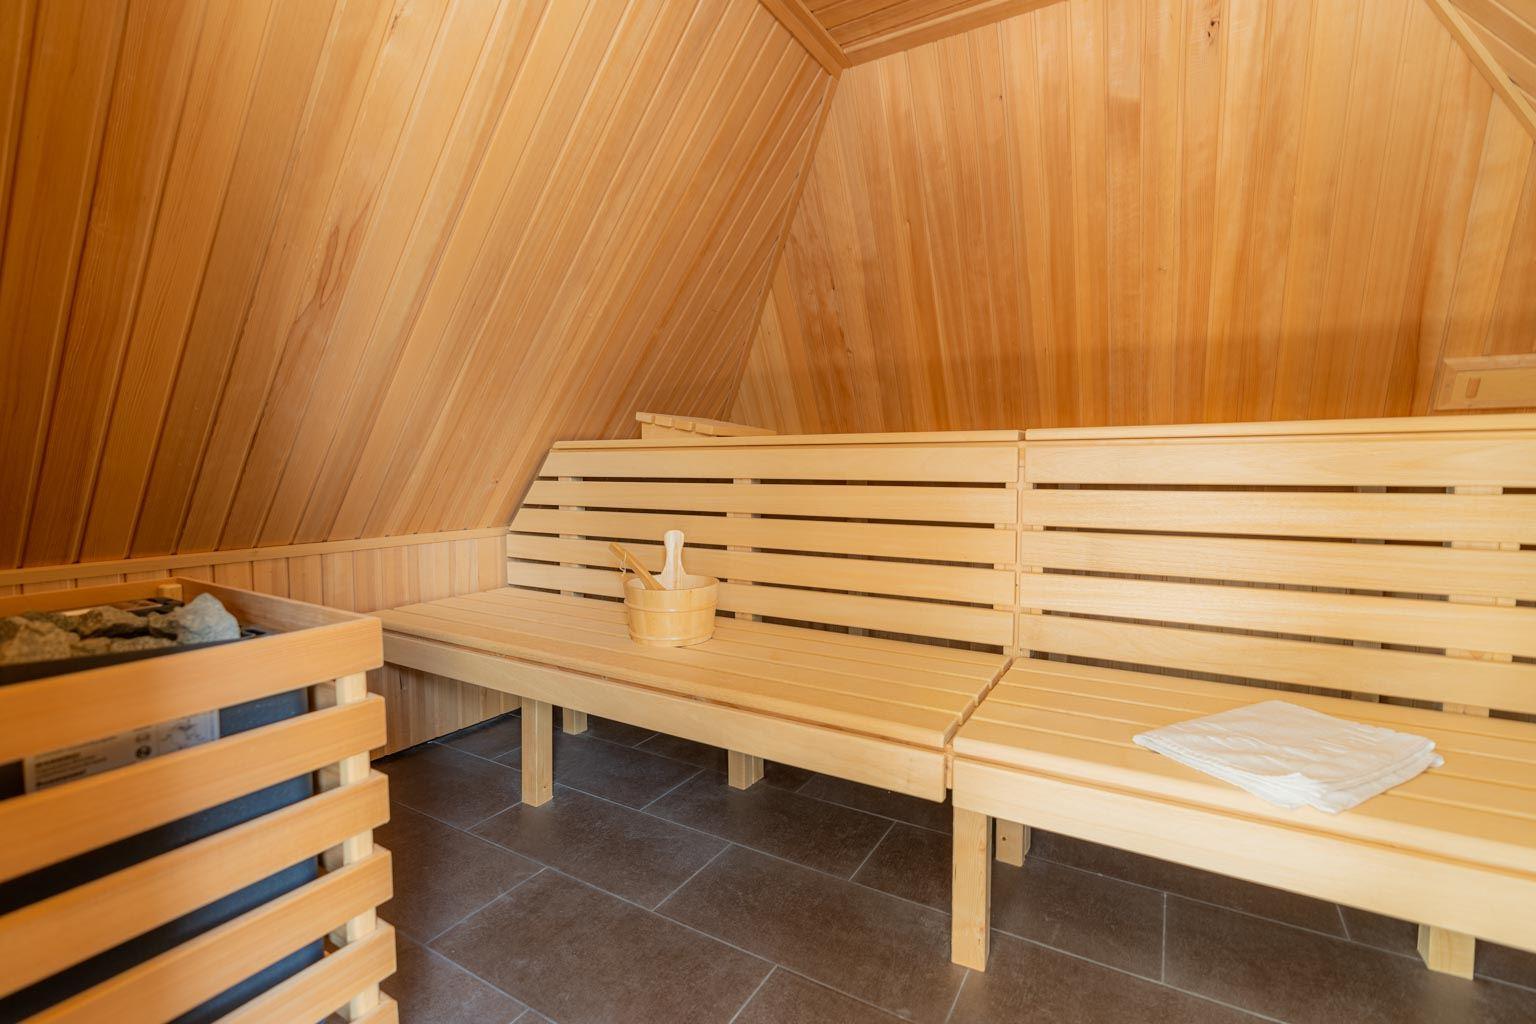 Gemeinschaftlicher Wellness-Bereich mit Sauna